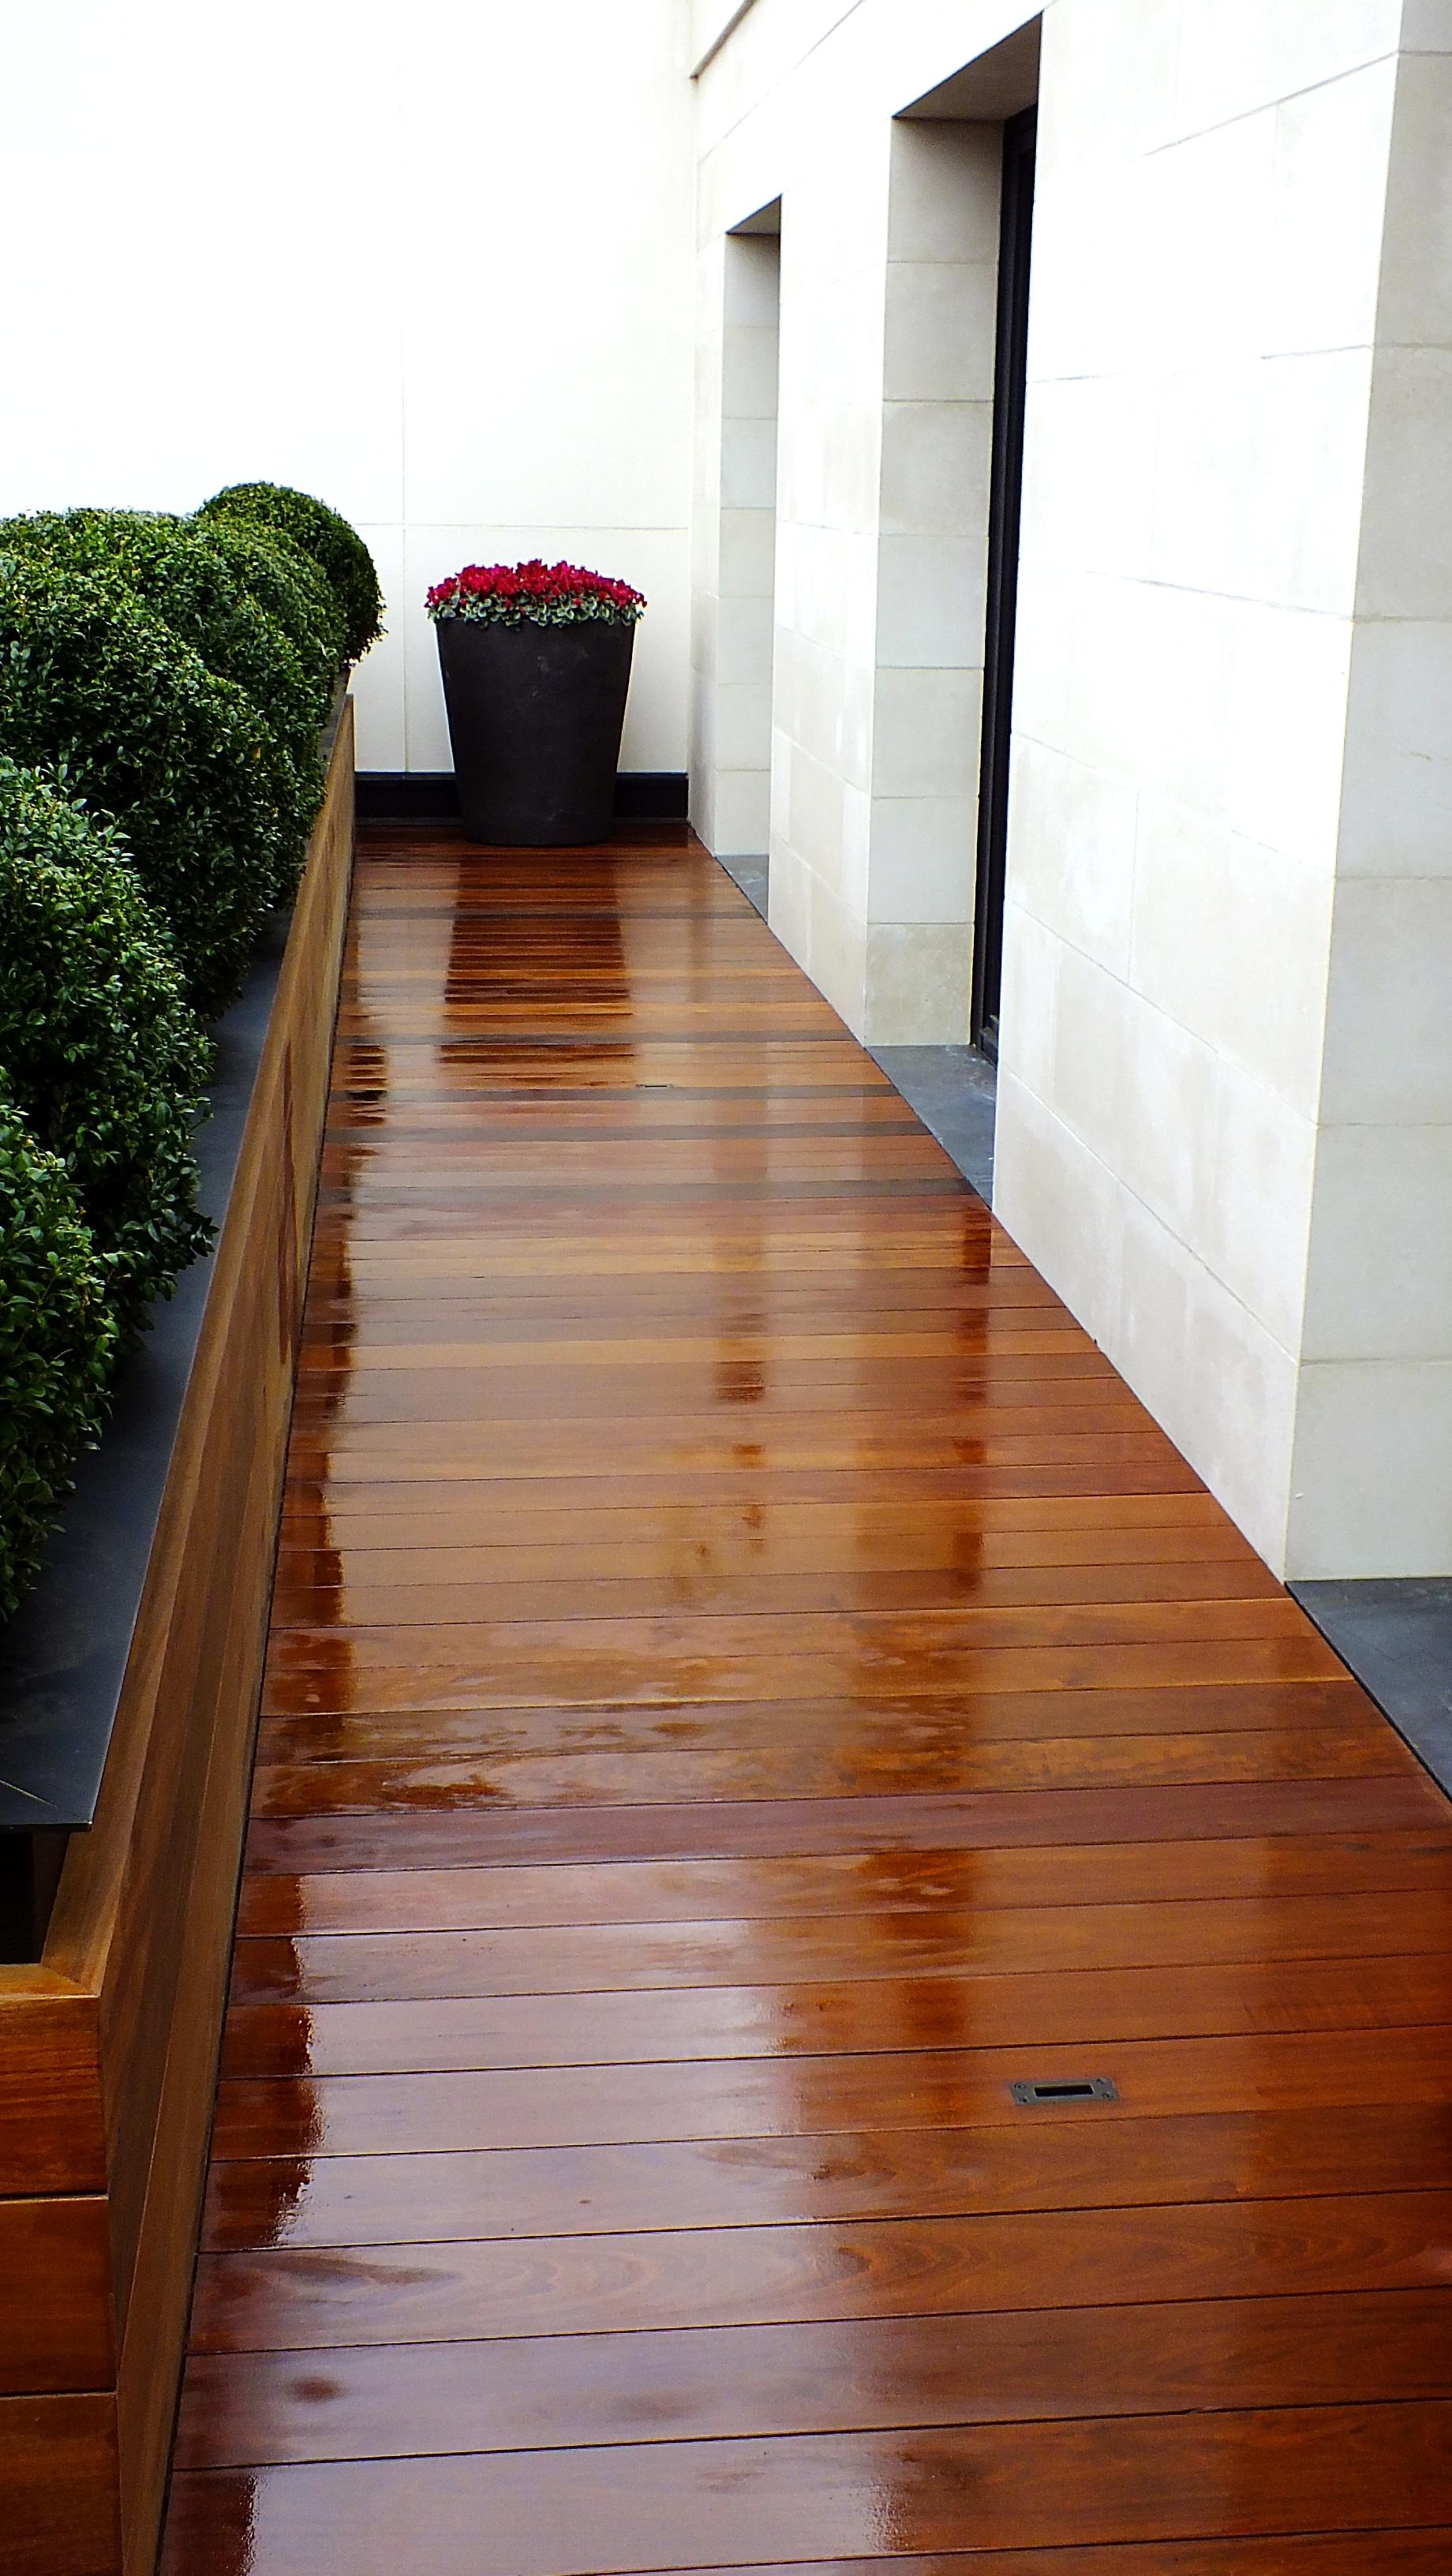 Exterpark ipe hardwood decking for a premier penthouse for Exterior hardwood decking